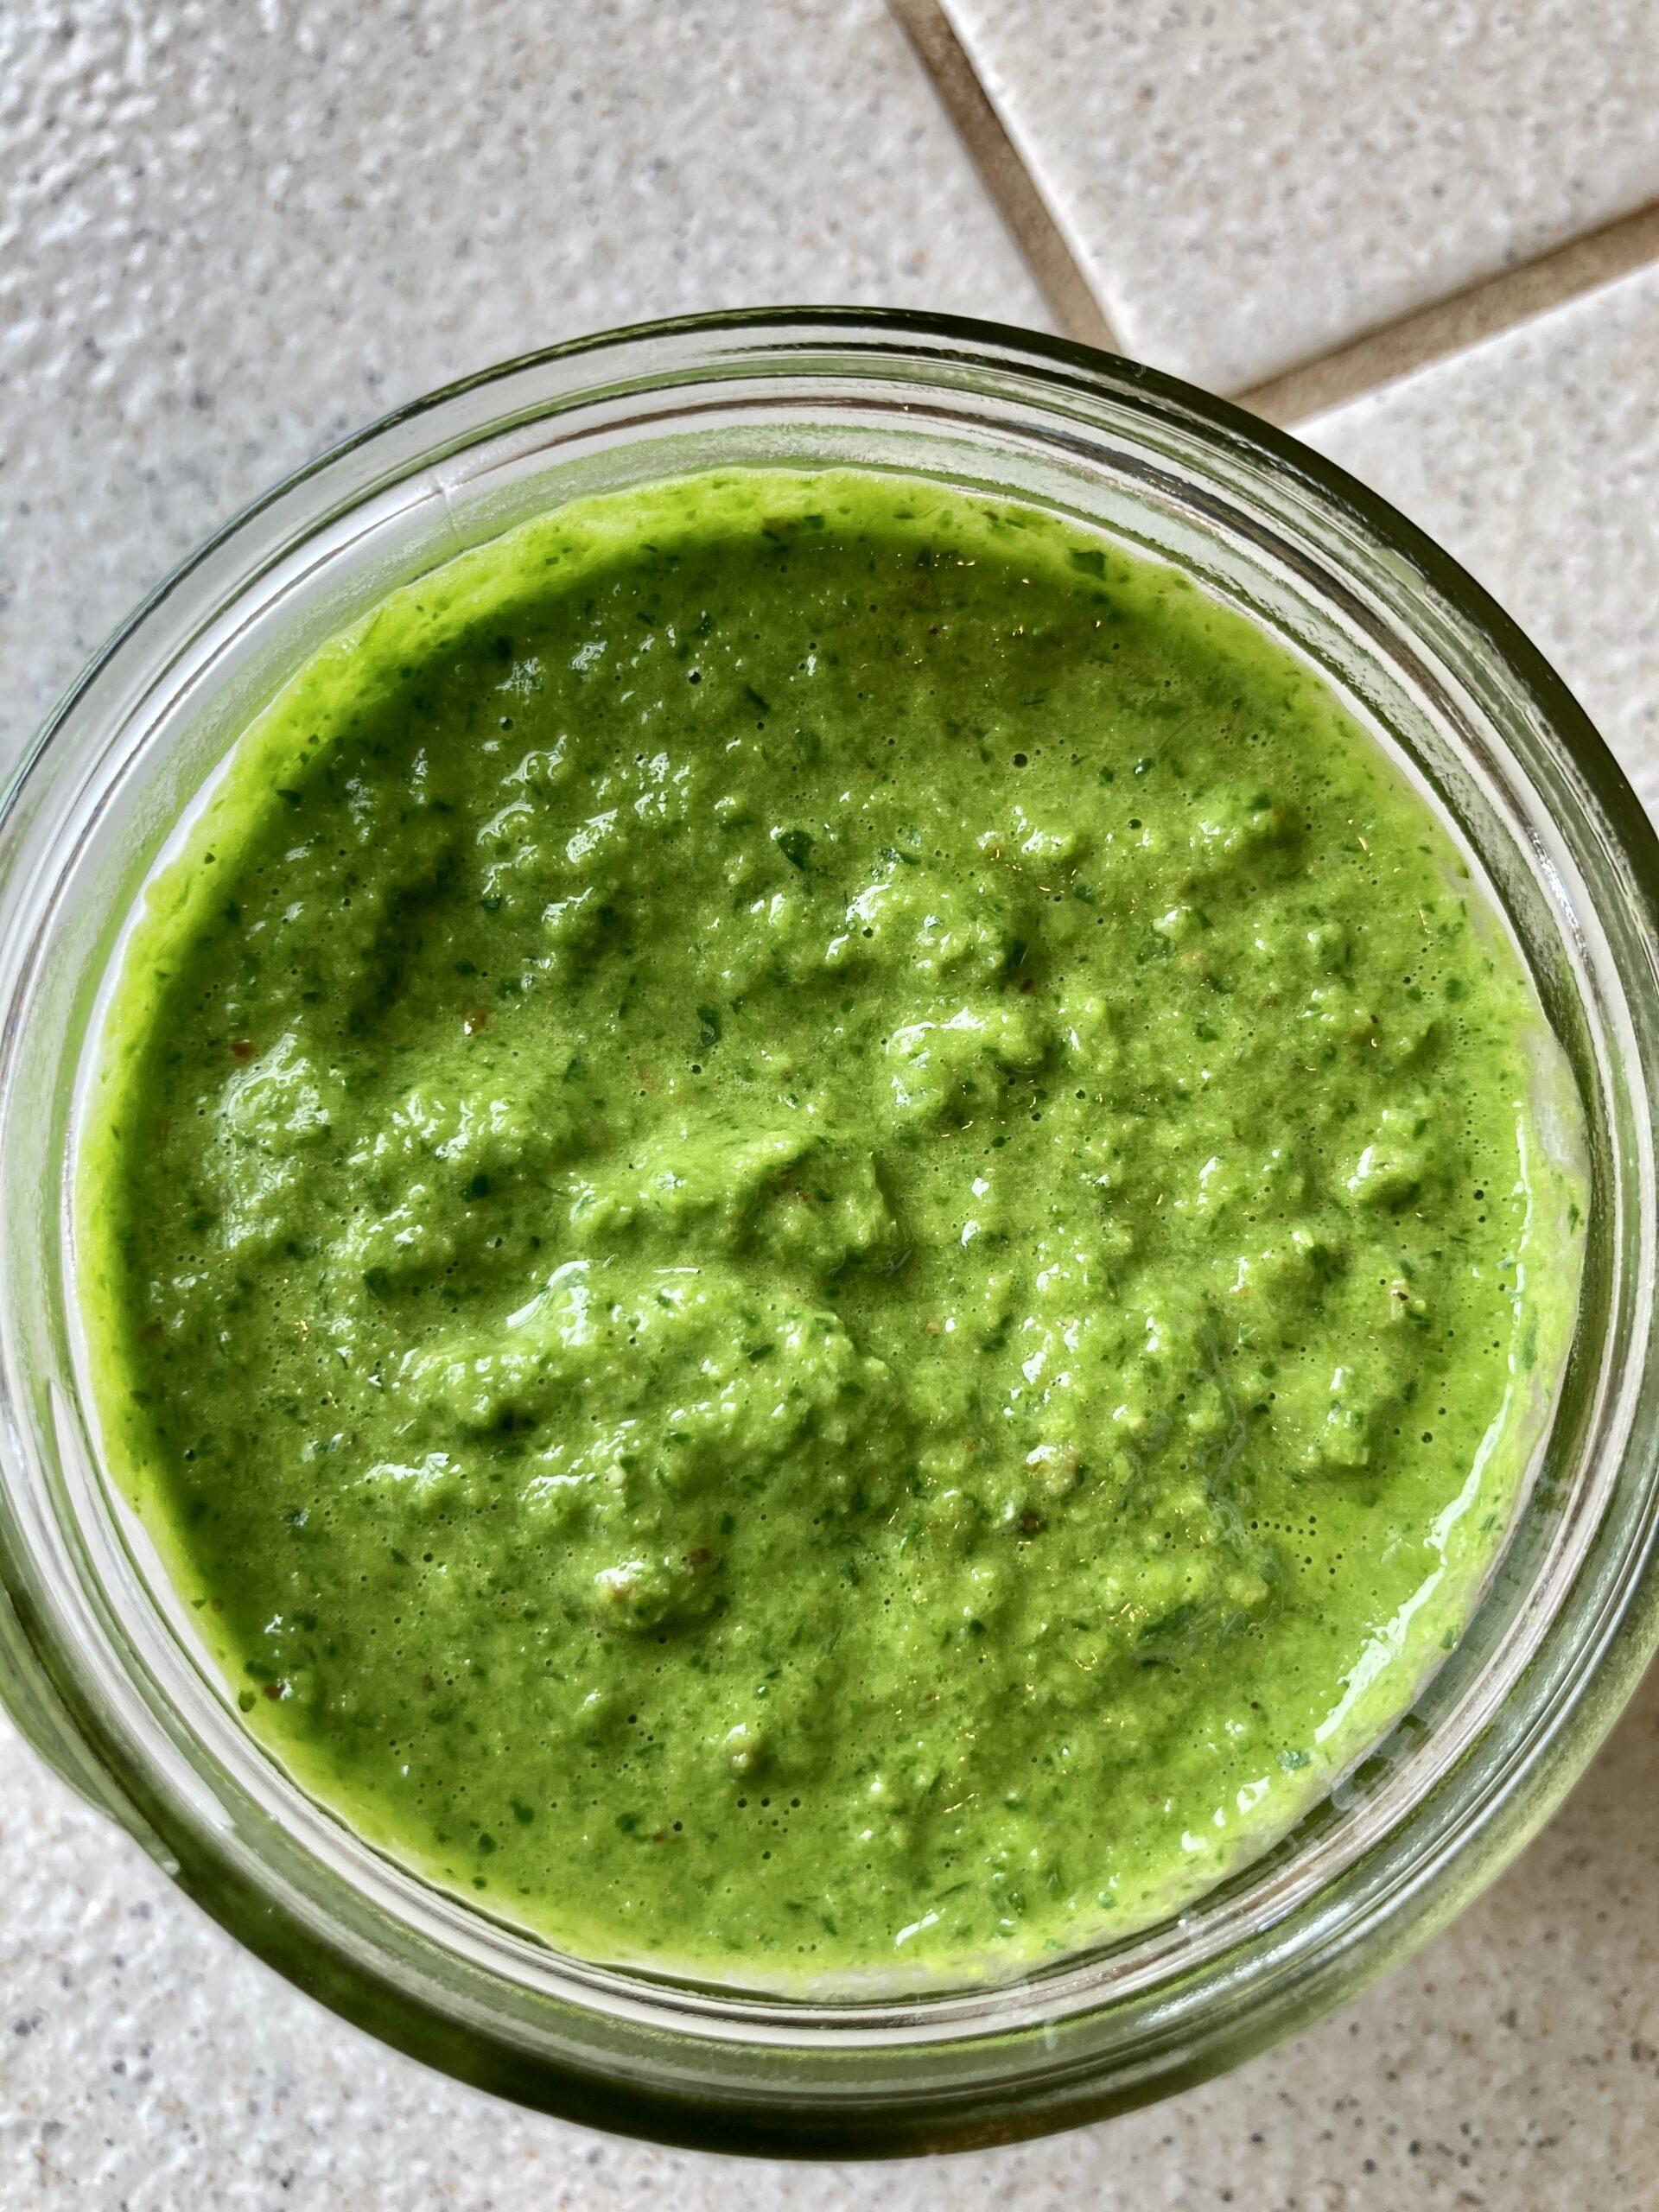 Chimichuri Green sauce